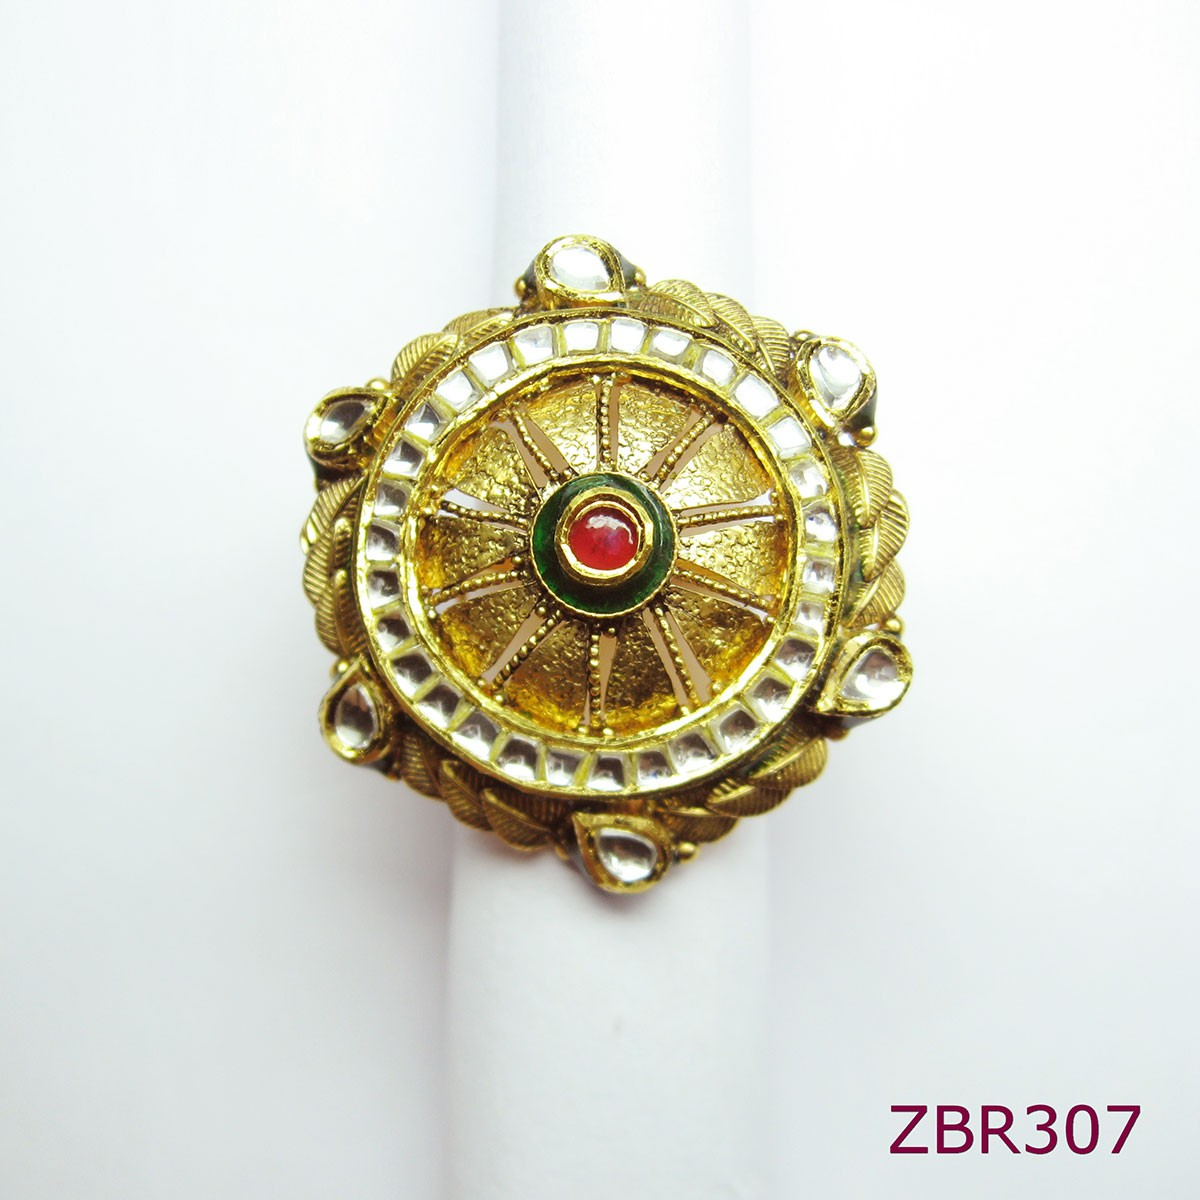 ZBR307